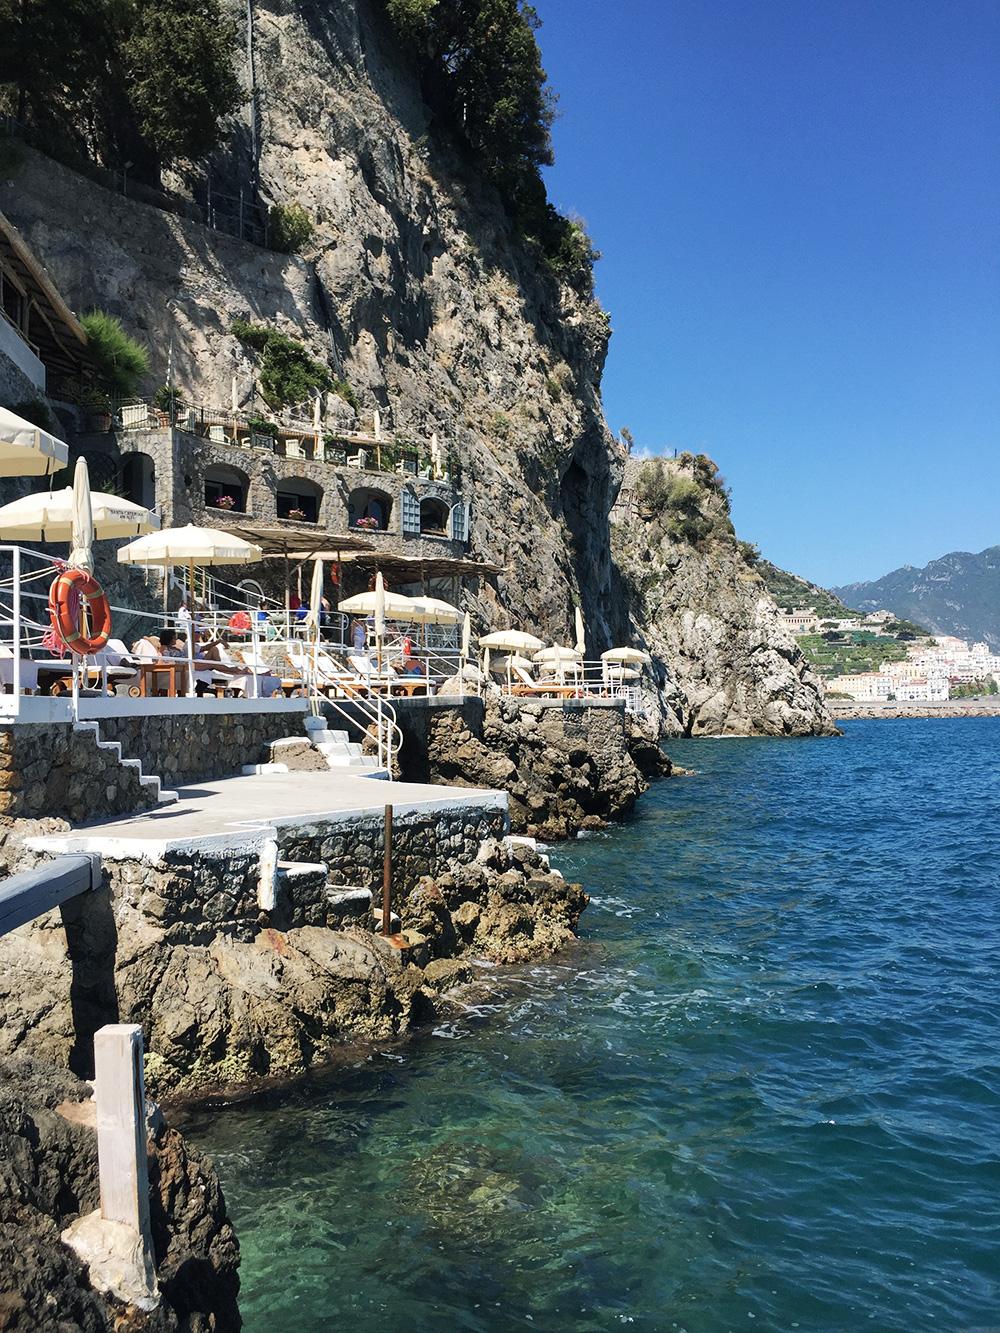 RosyCheeks-Hotel-Santa-Caterina-sea